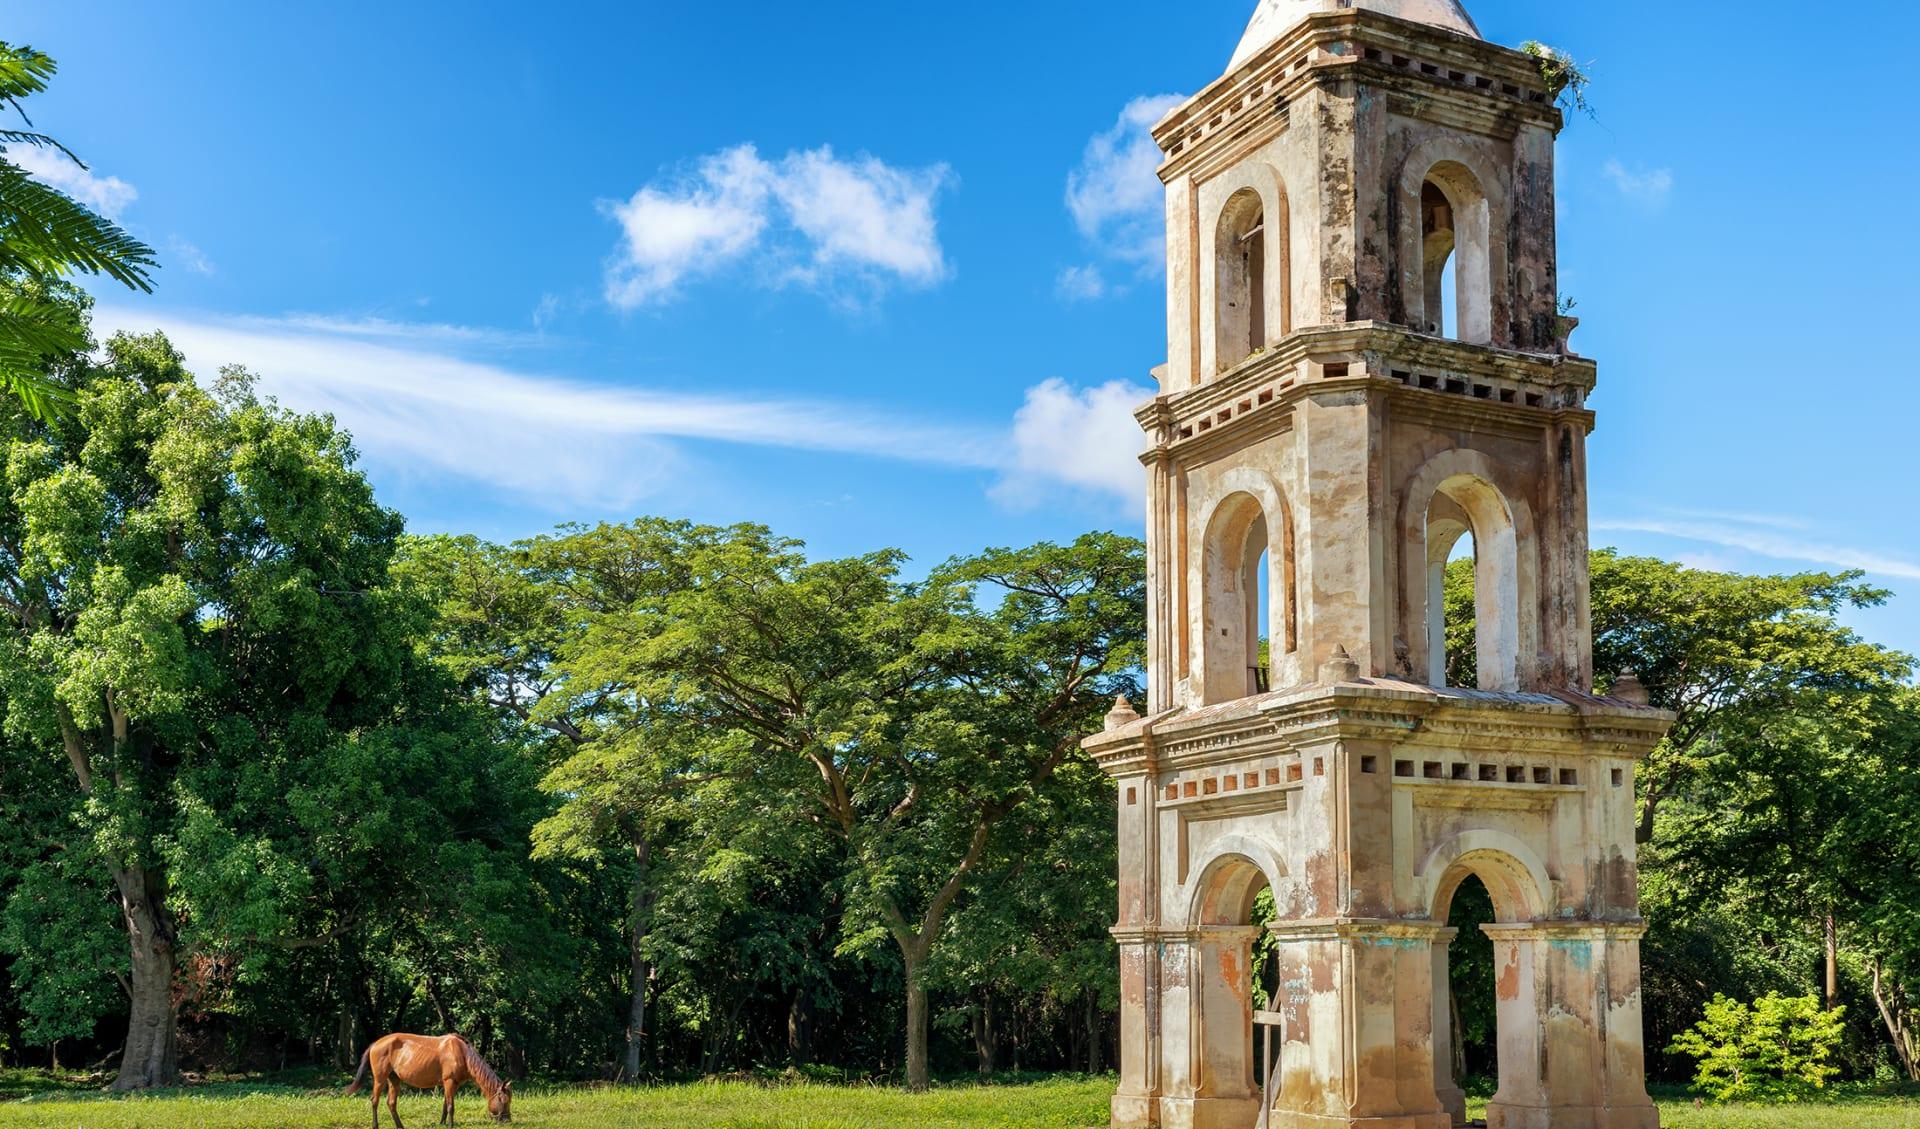 Observation tower at sugar mill San Isidro de los Destiladeros. Valle de los Ingenios, Trinidad, Cuba